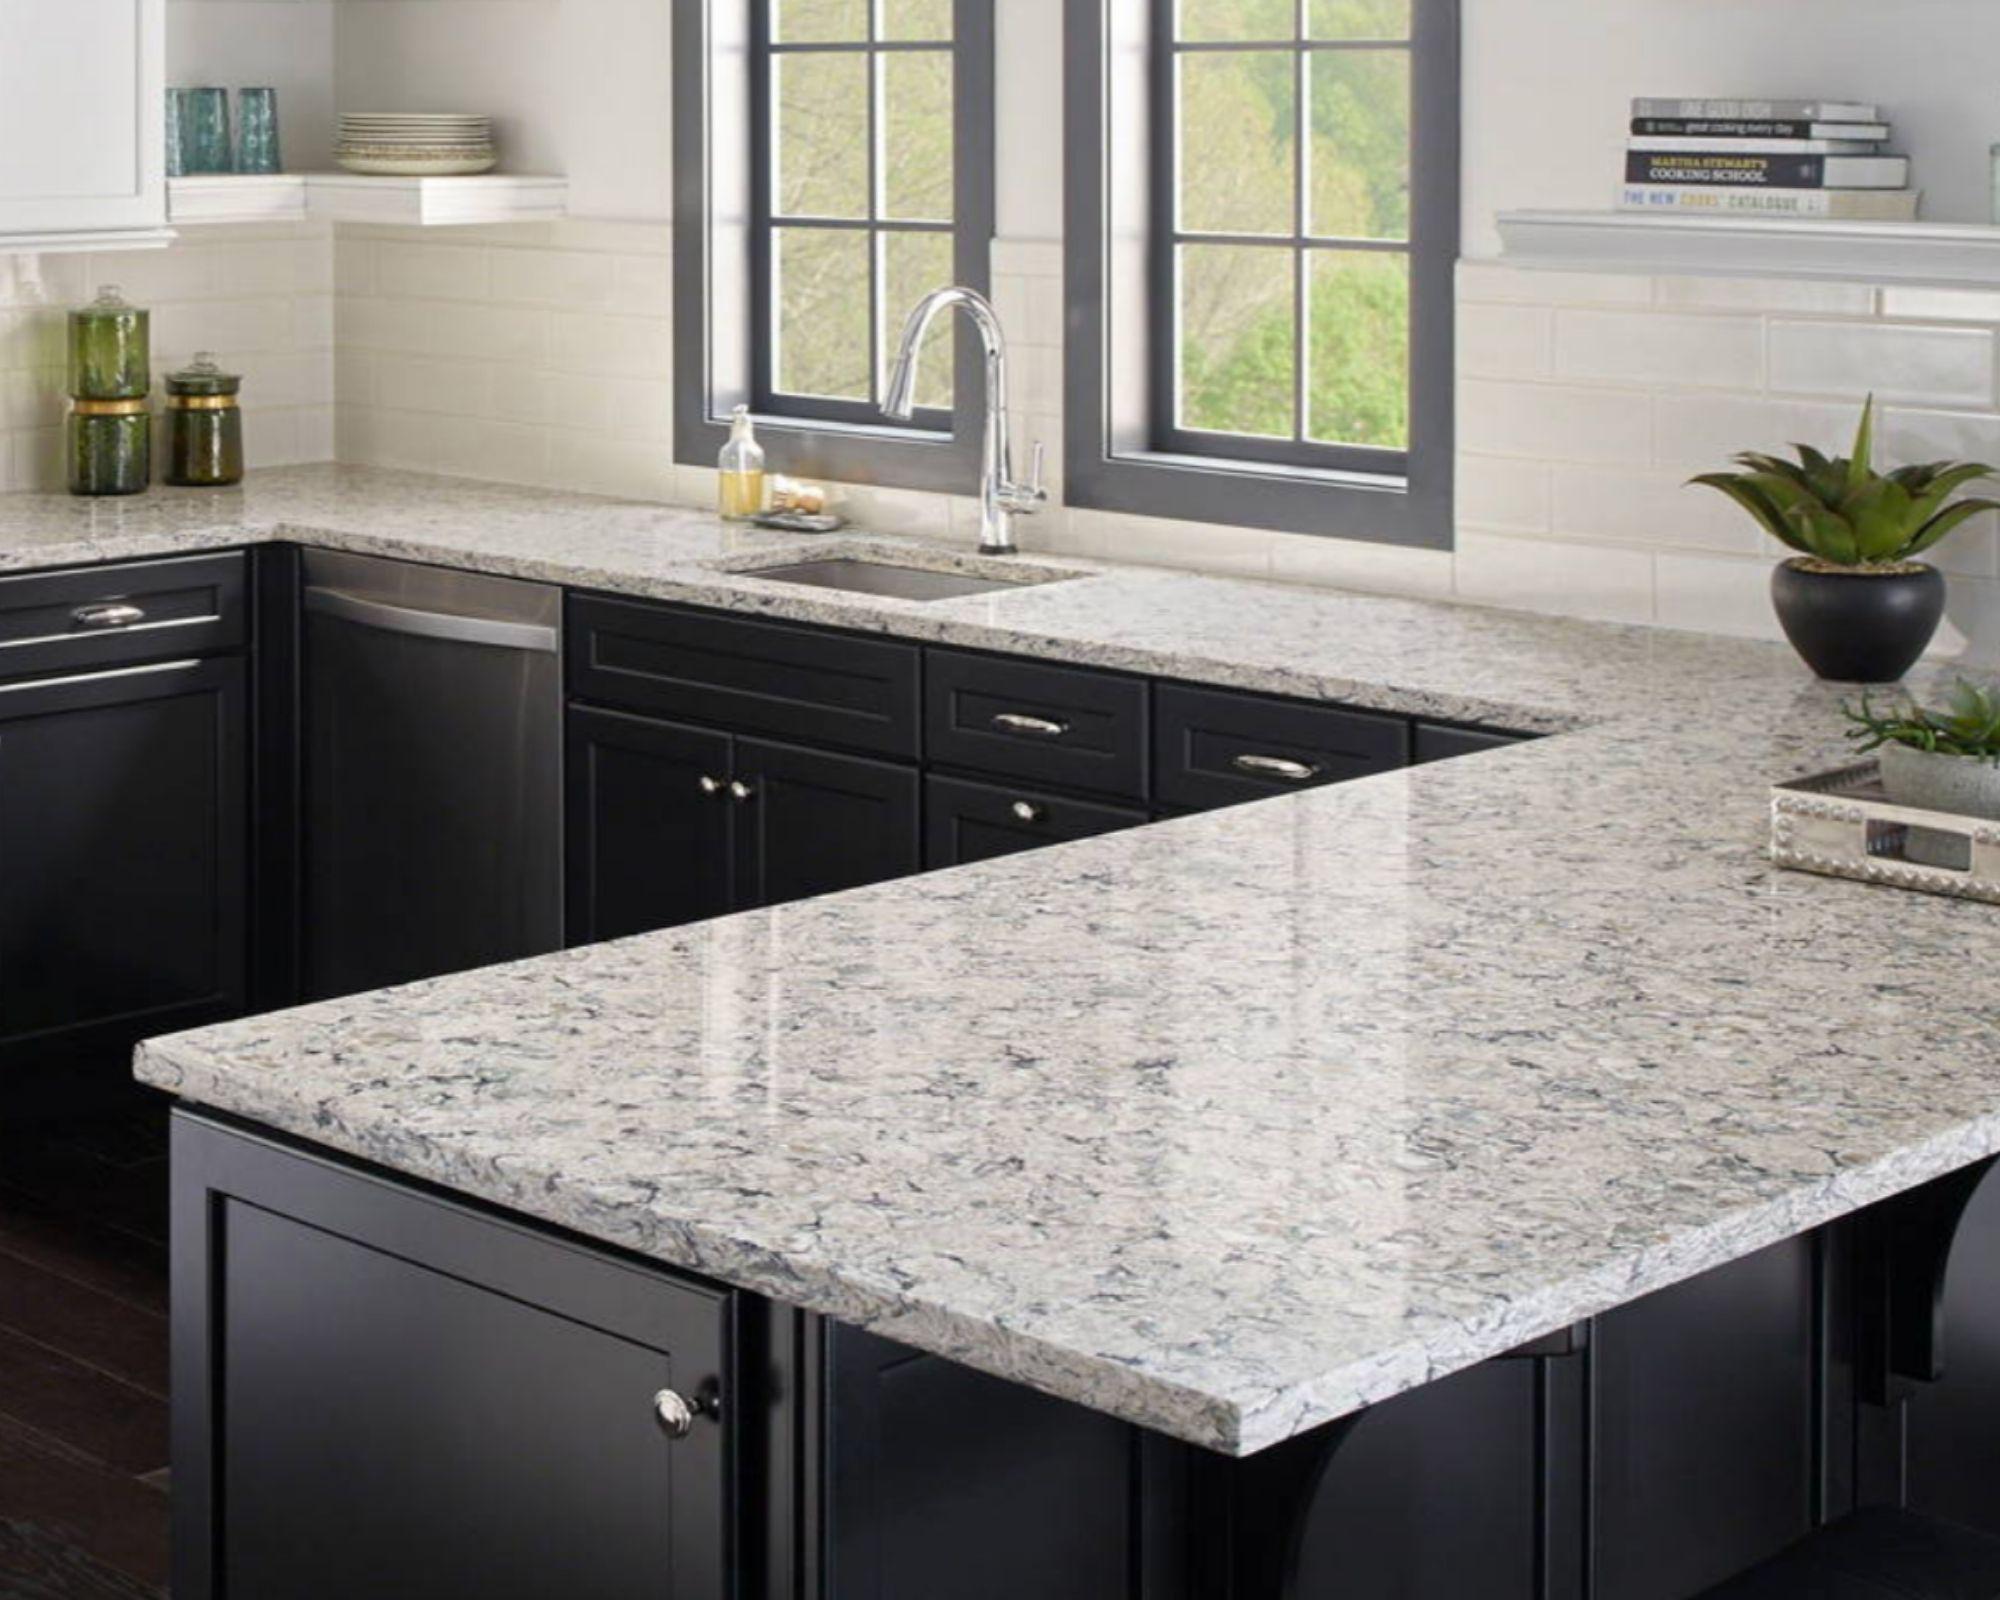 gorgous quartz kithen countertop